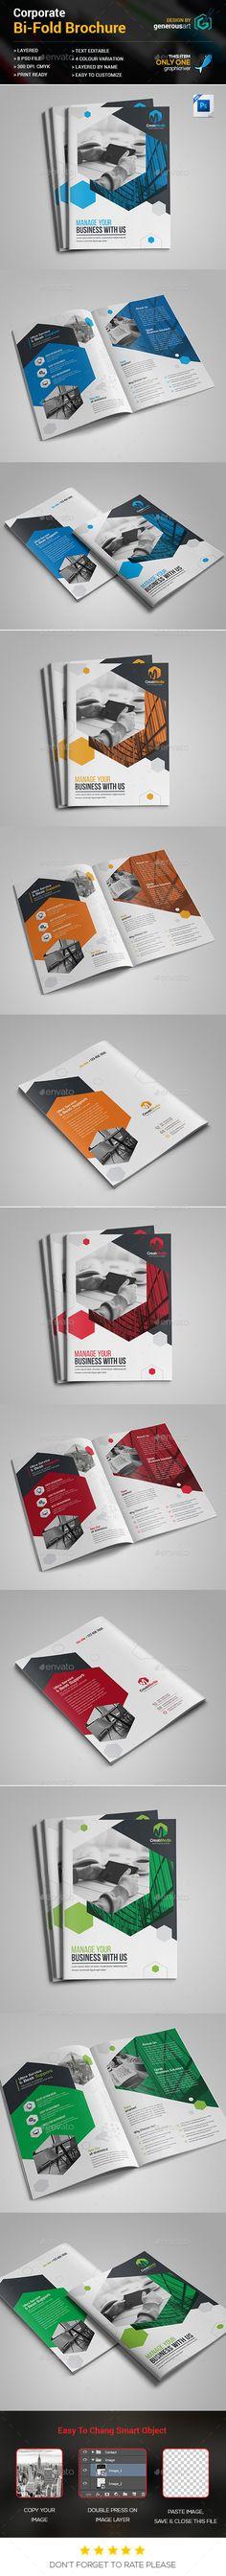 Brochure Corporate brochure, Brochures and Brochure template - corporate brochure template